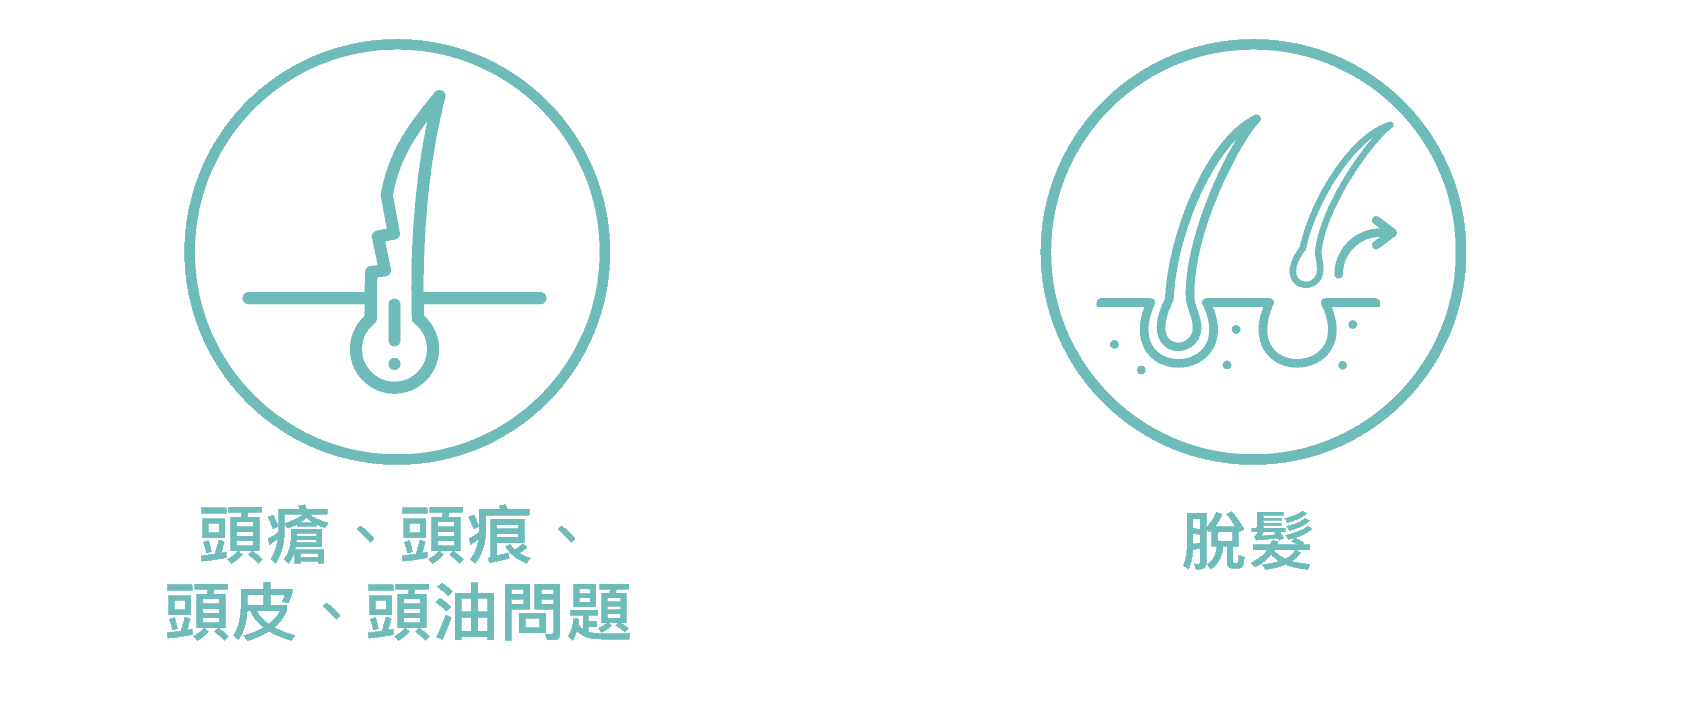 產後脫髮治療 icon1 12 1